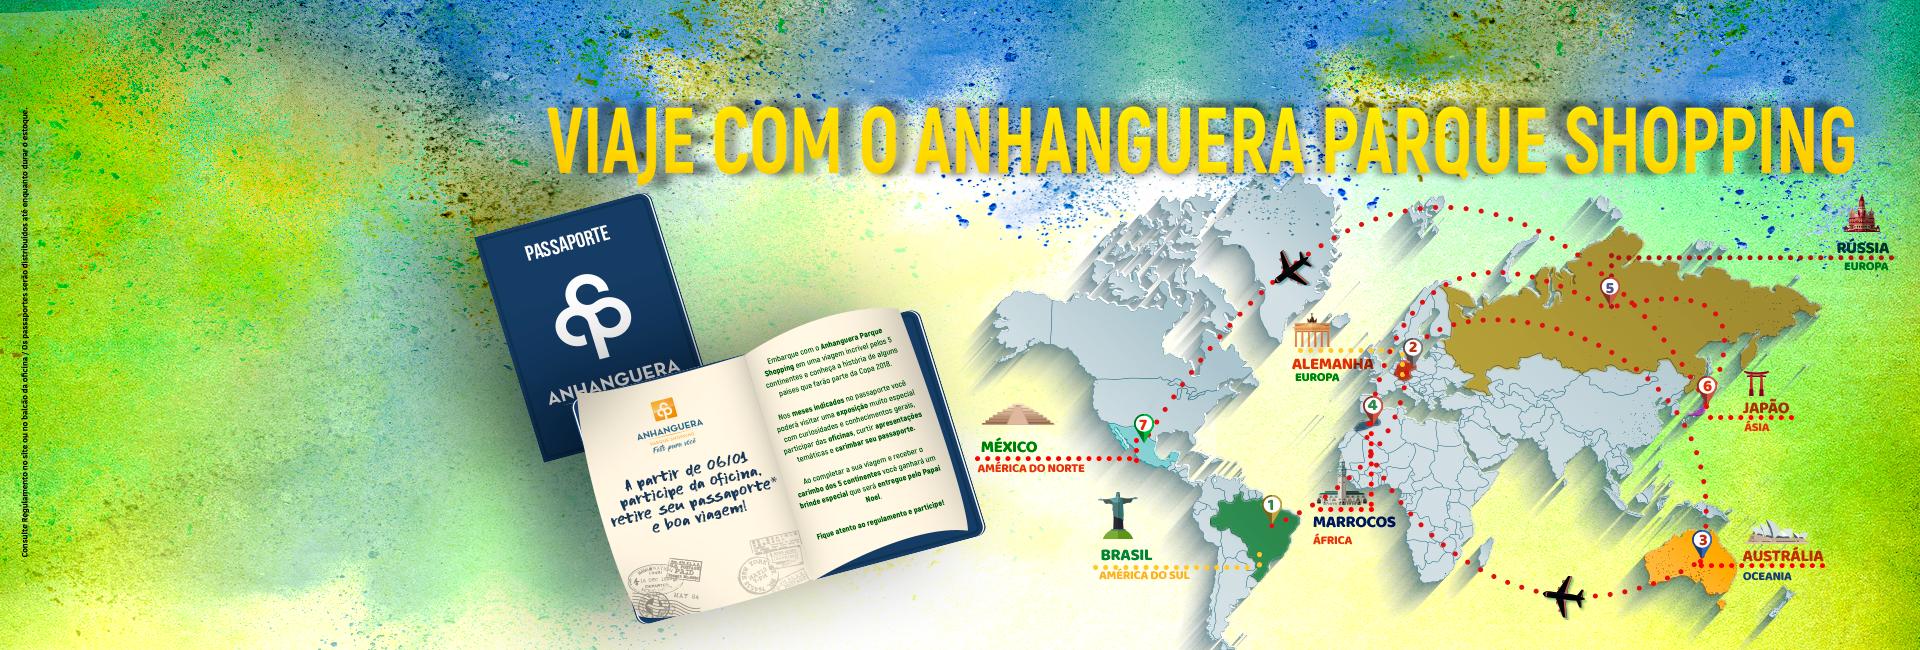 banner passaporte